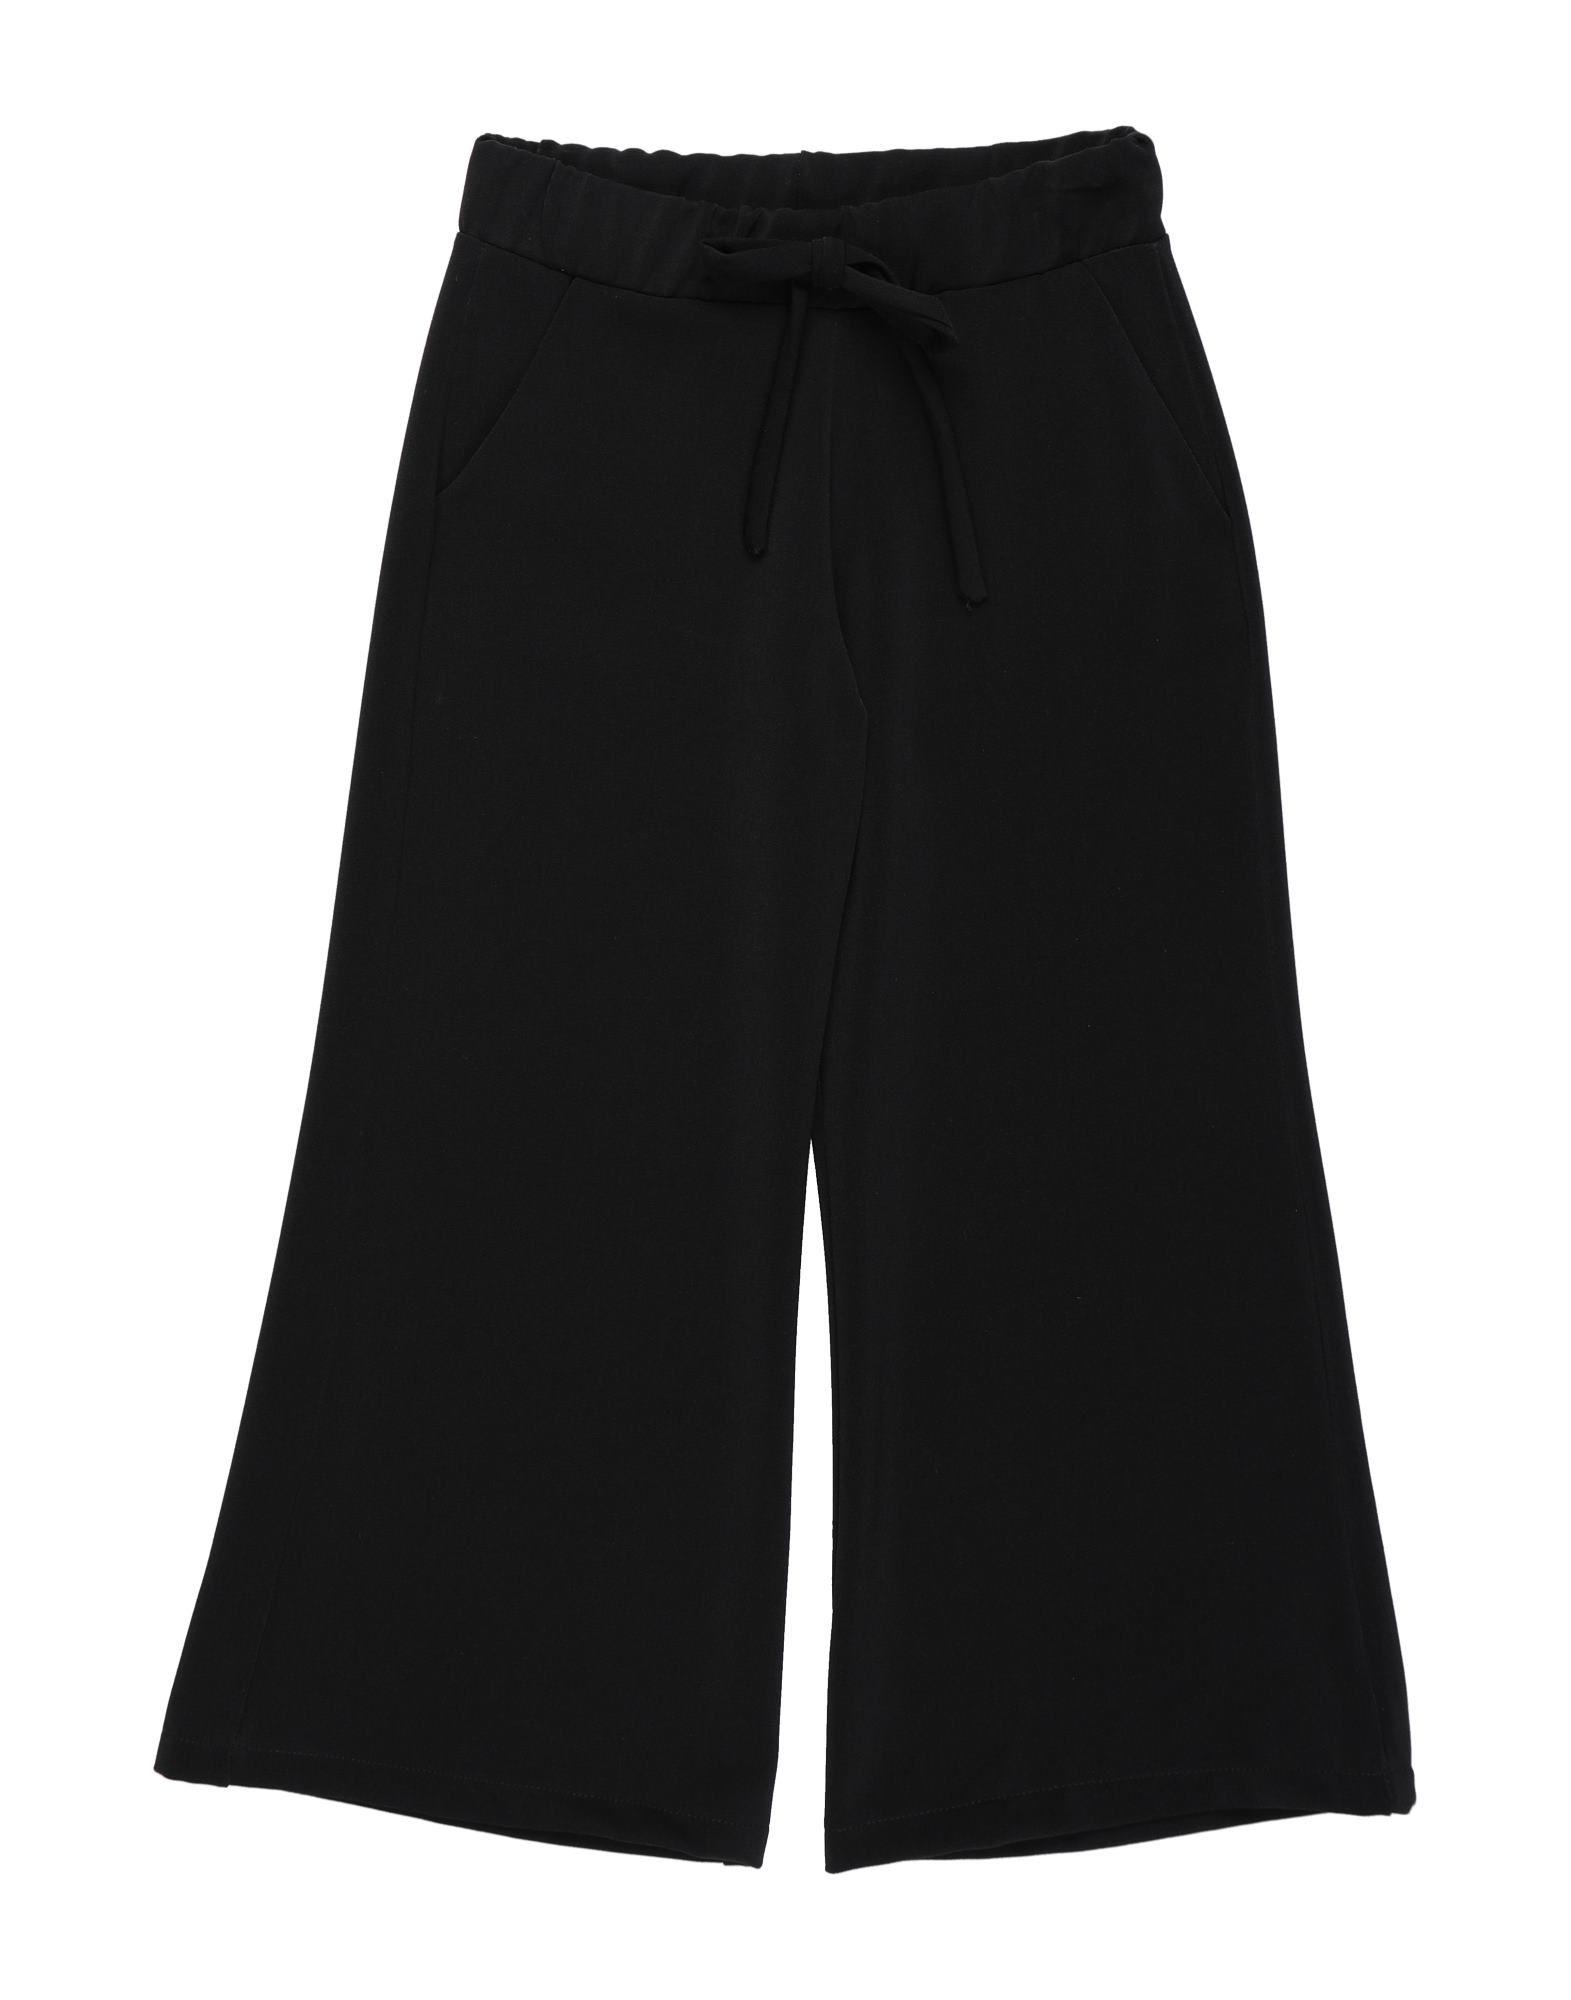 Miss Blumarine Kids' Casual Pants In Black